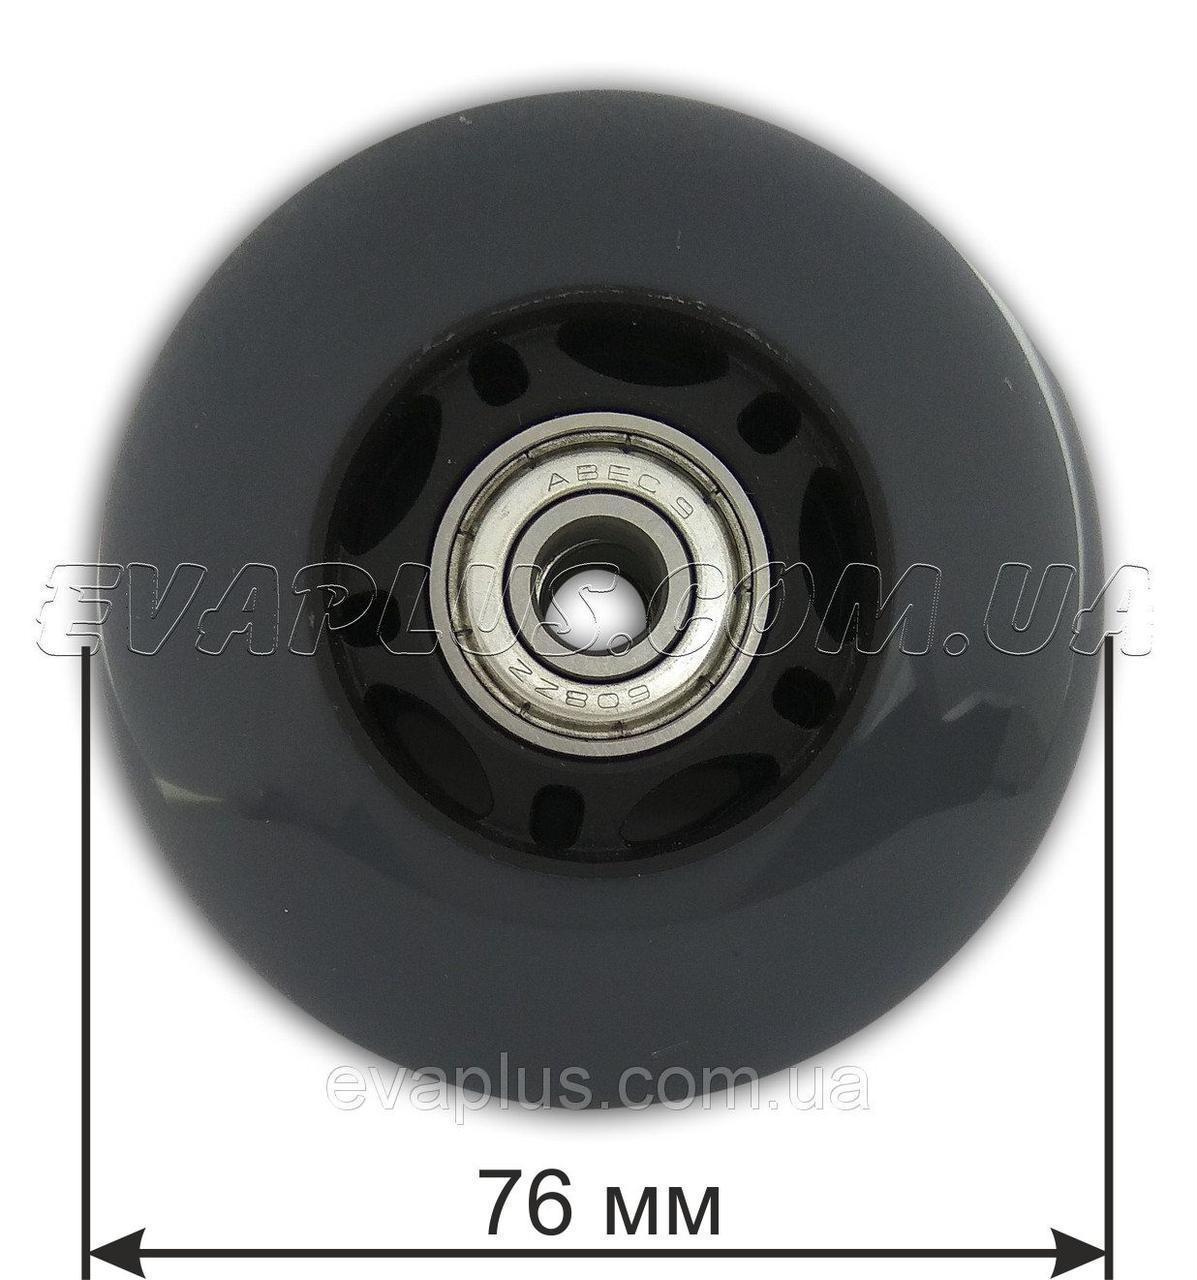 Колесо  полиуретановое 76 мм (серое)